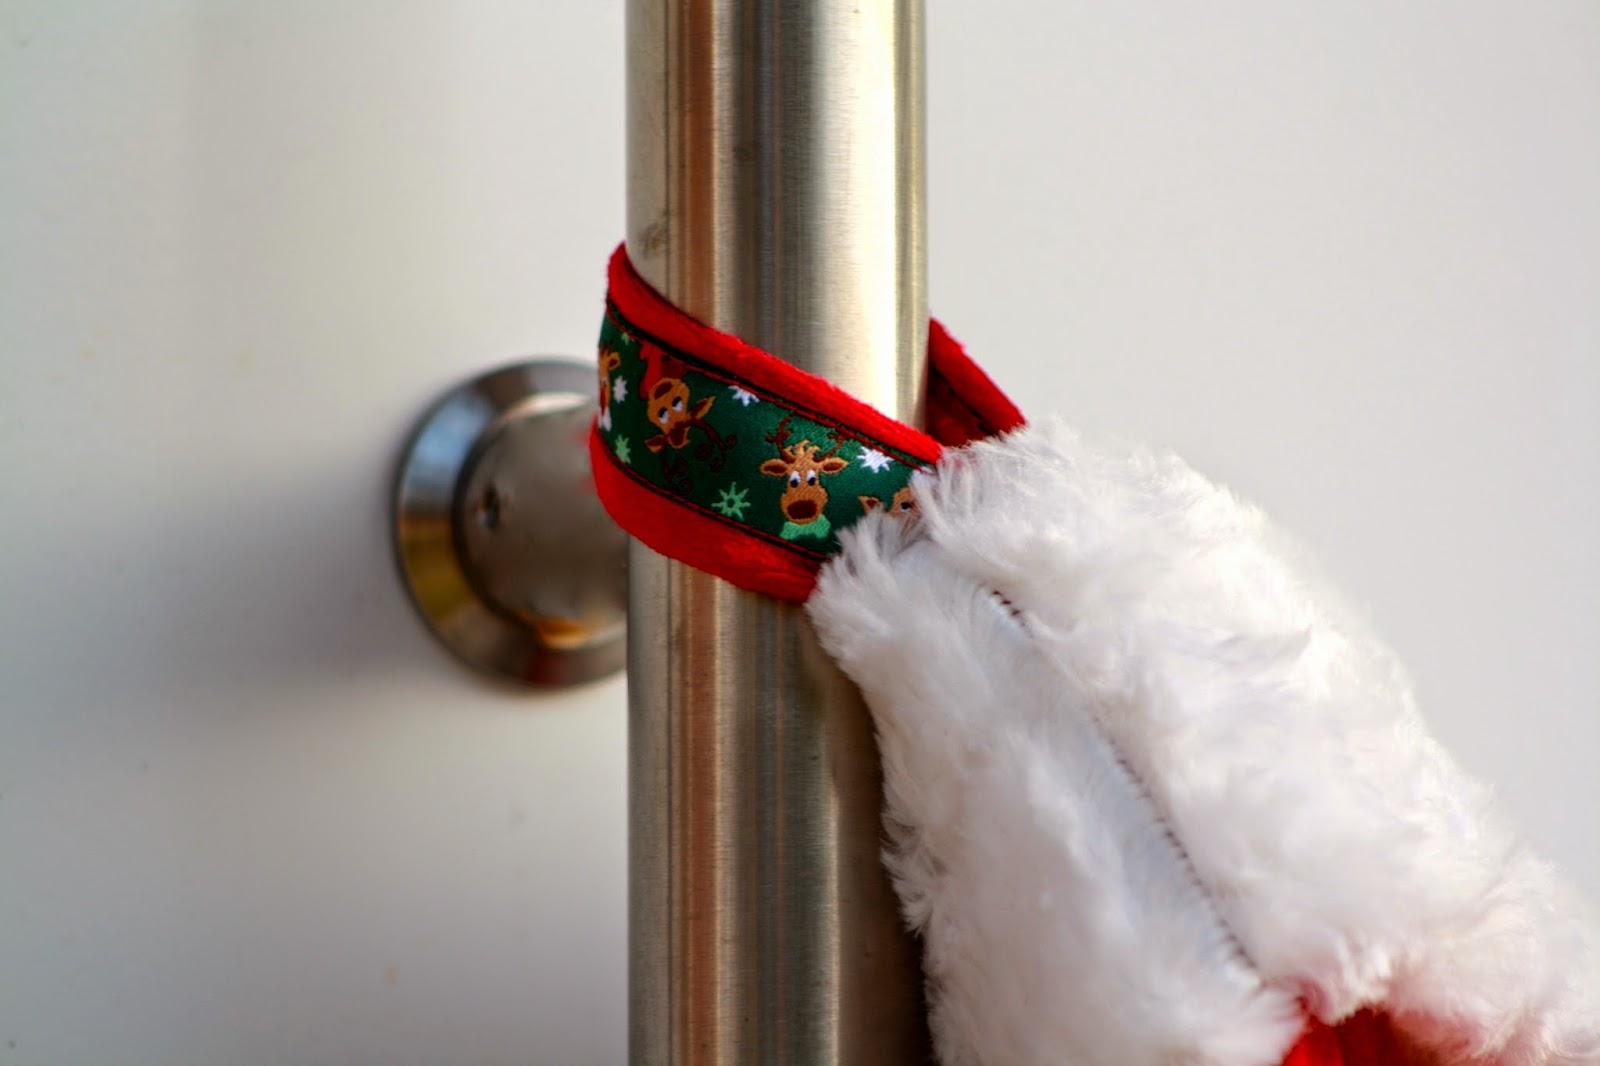 ranelabel nikolausstiefel mit weihnachtsplotterei. Black Bedroom Furniture Sets. Home Design Ideas